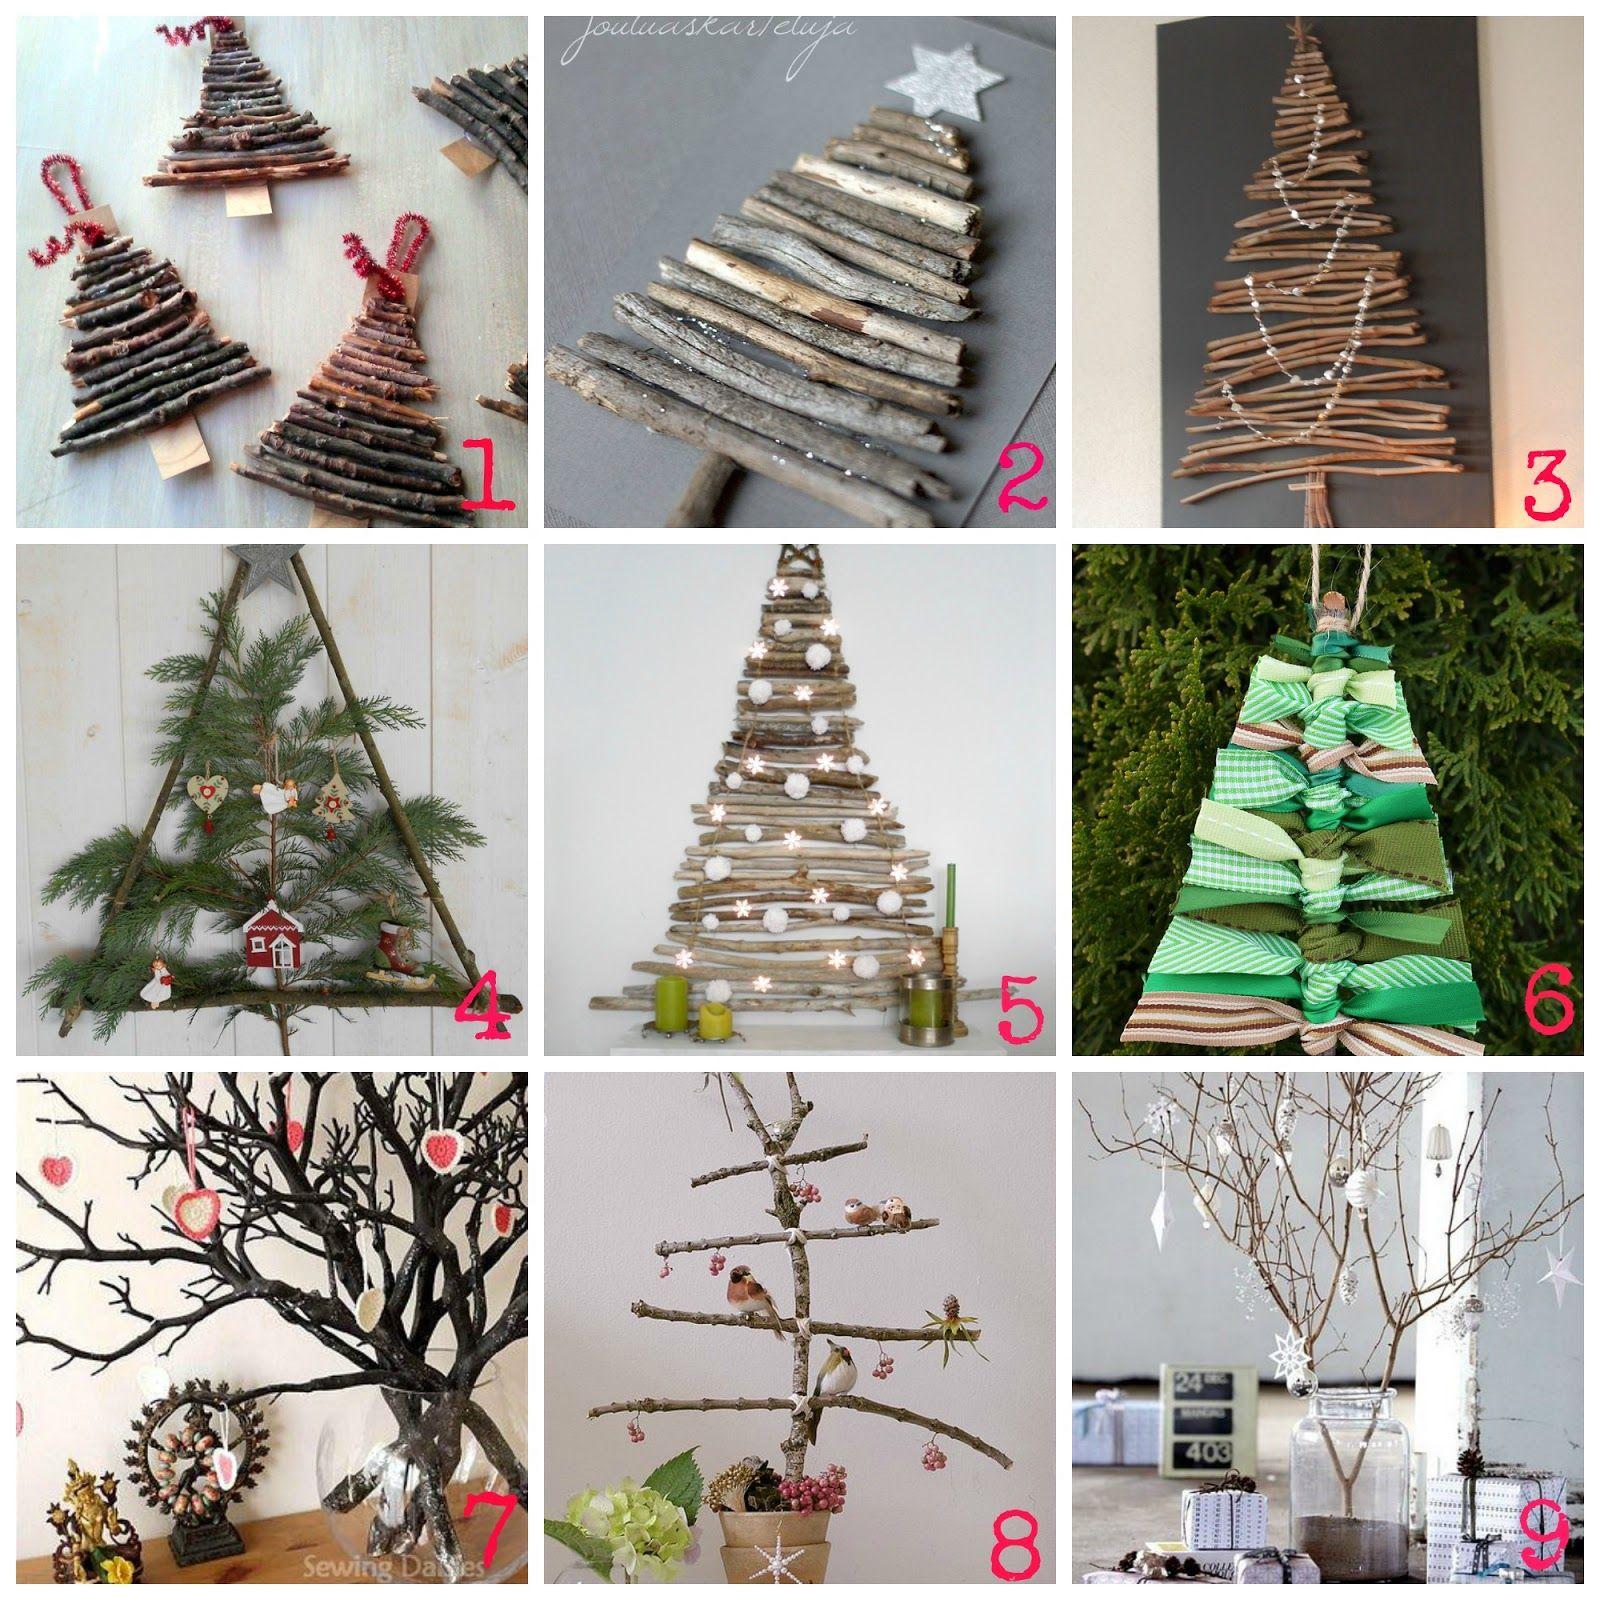 Decorazioni di Natale fai da te con i rami secchi  Diy